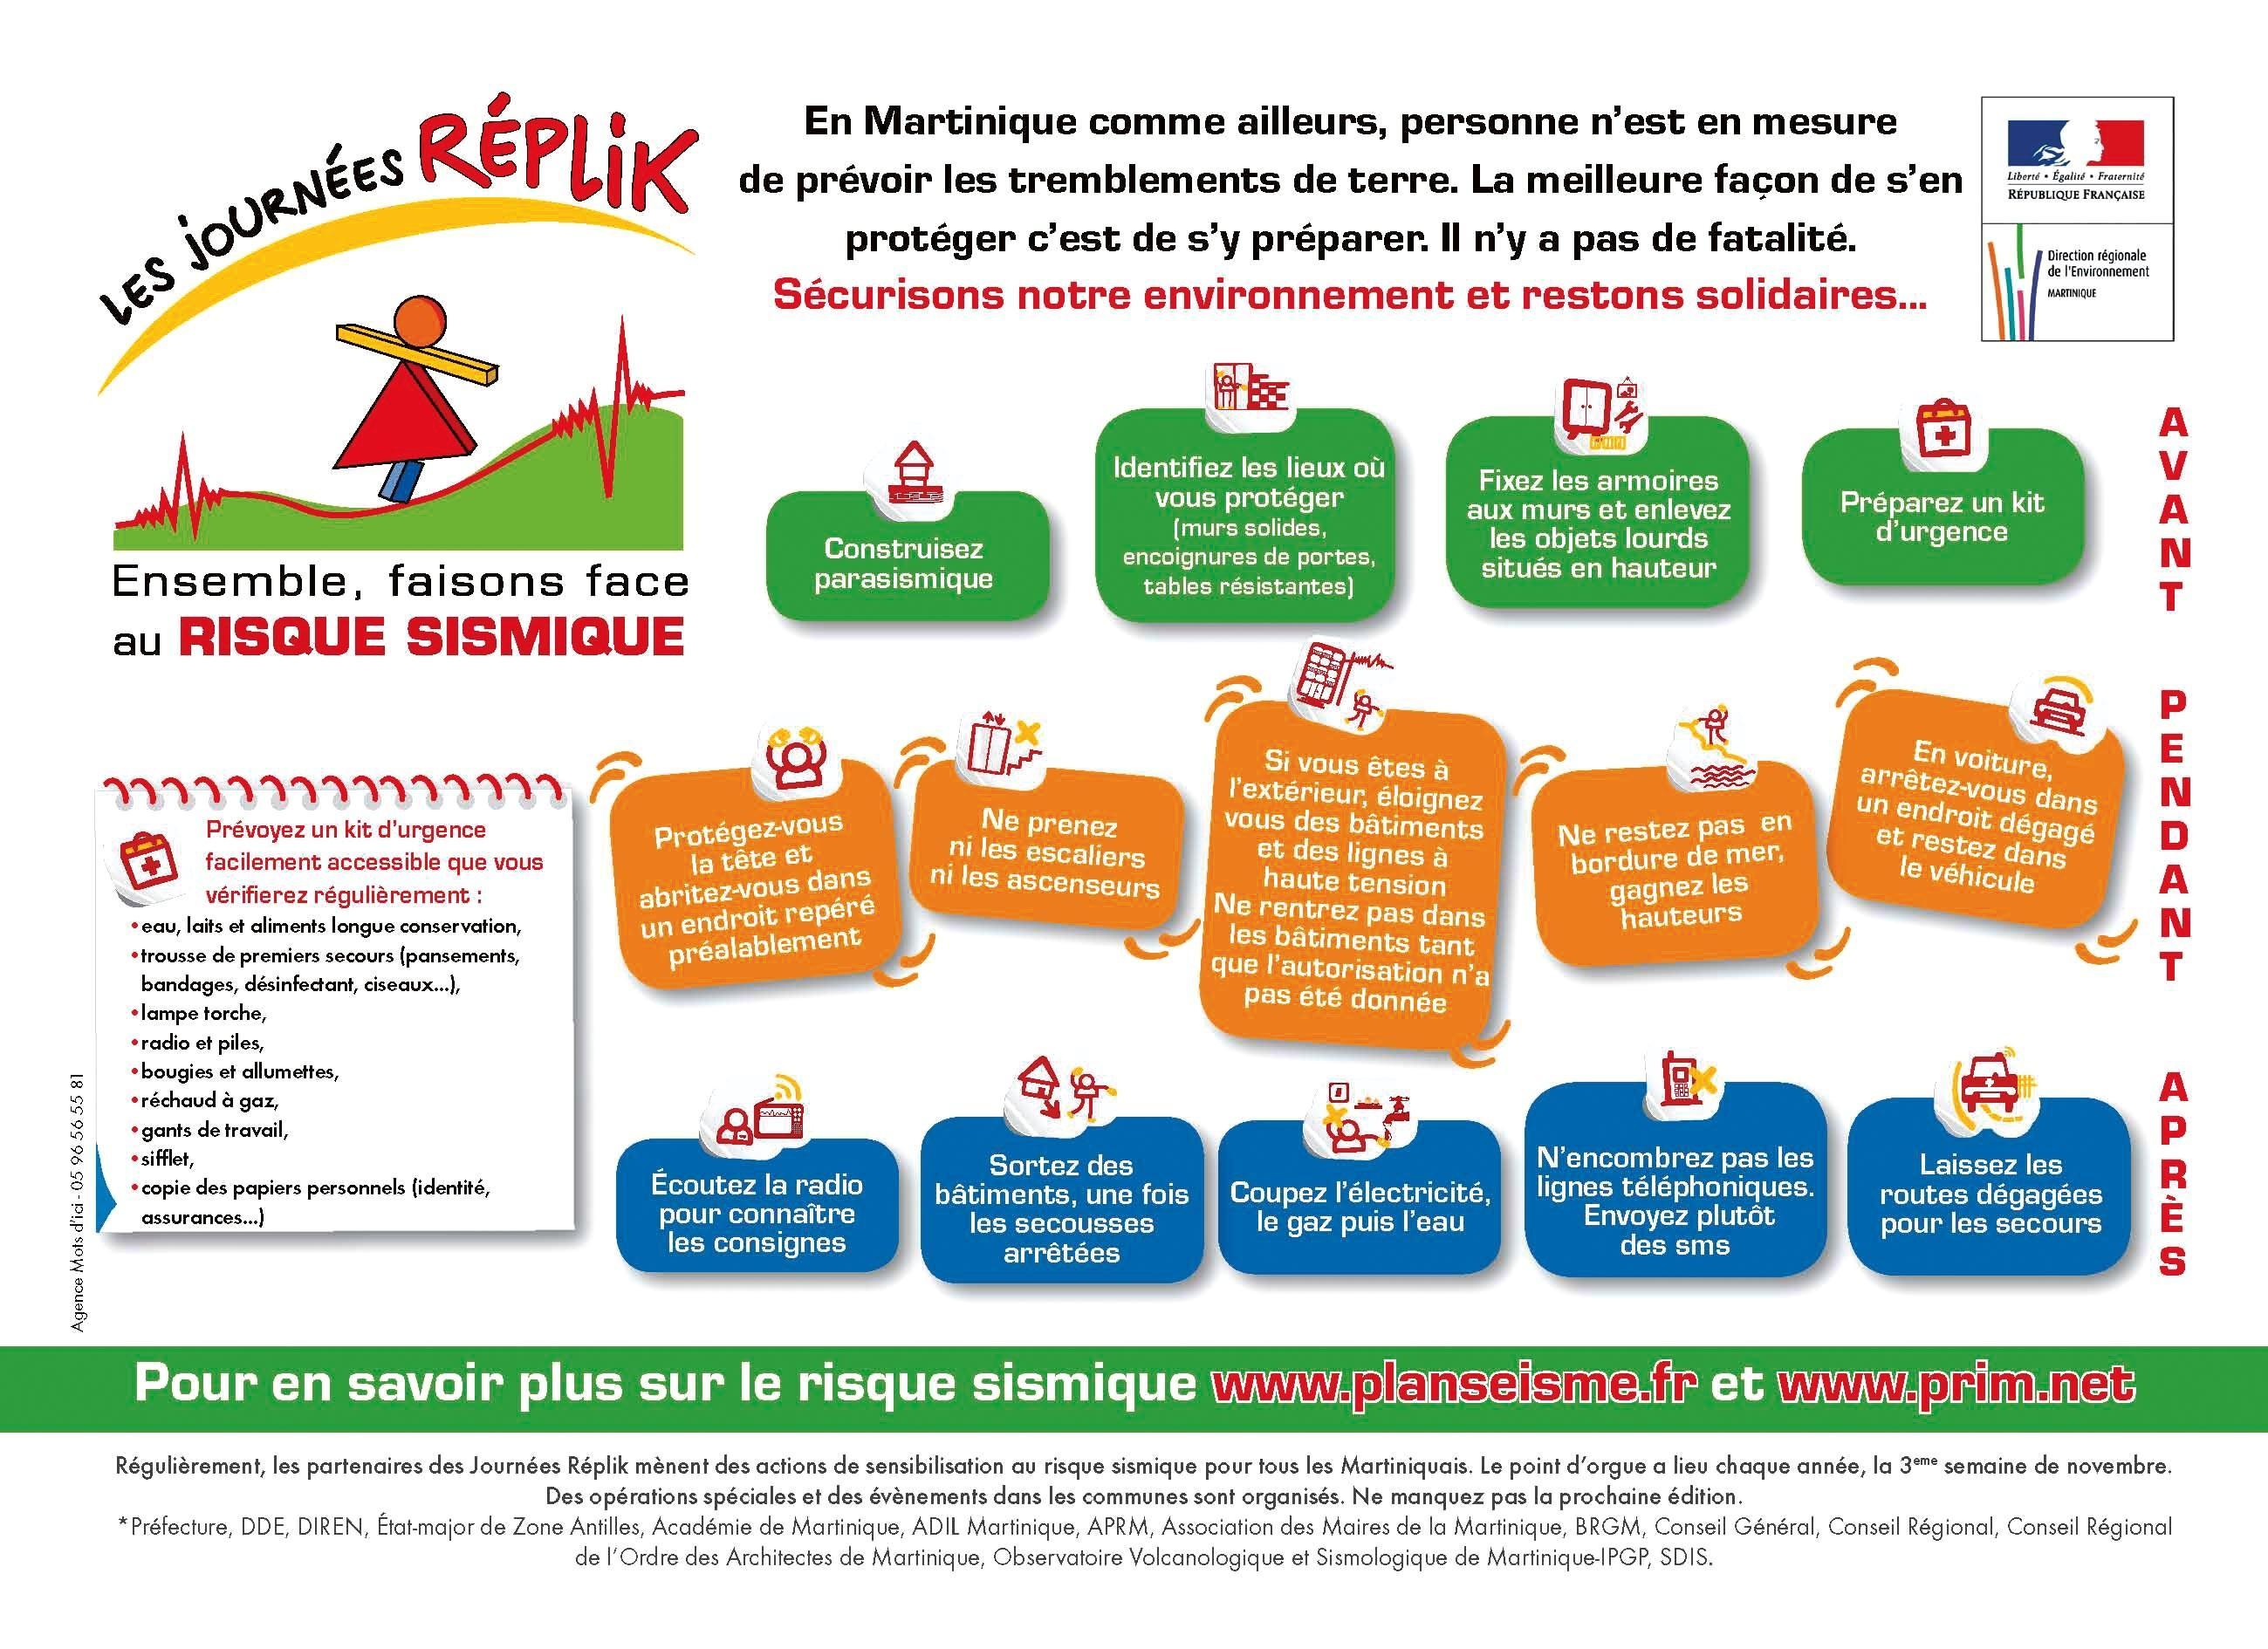 <stamp theme='his-green2'>Doc. 3</stamp> Affiche de sensibilisation aux risques sismiques en Martinique